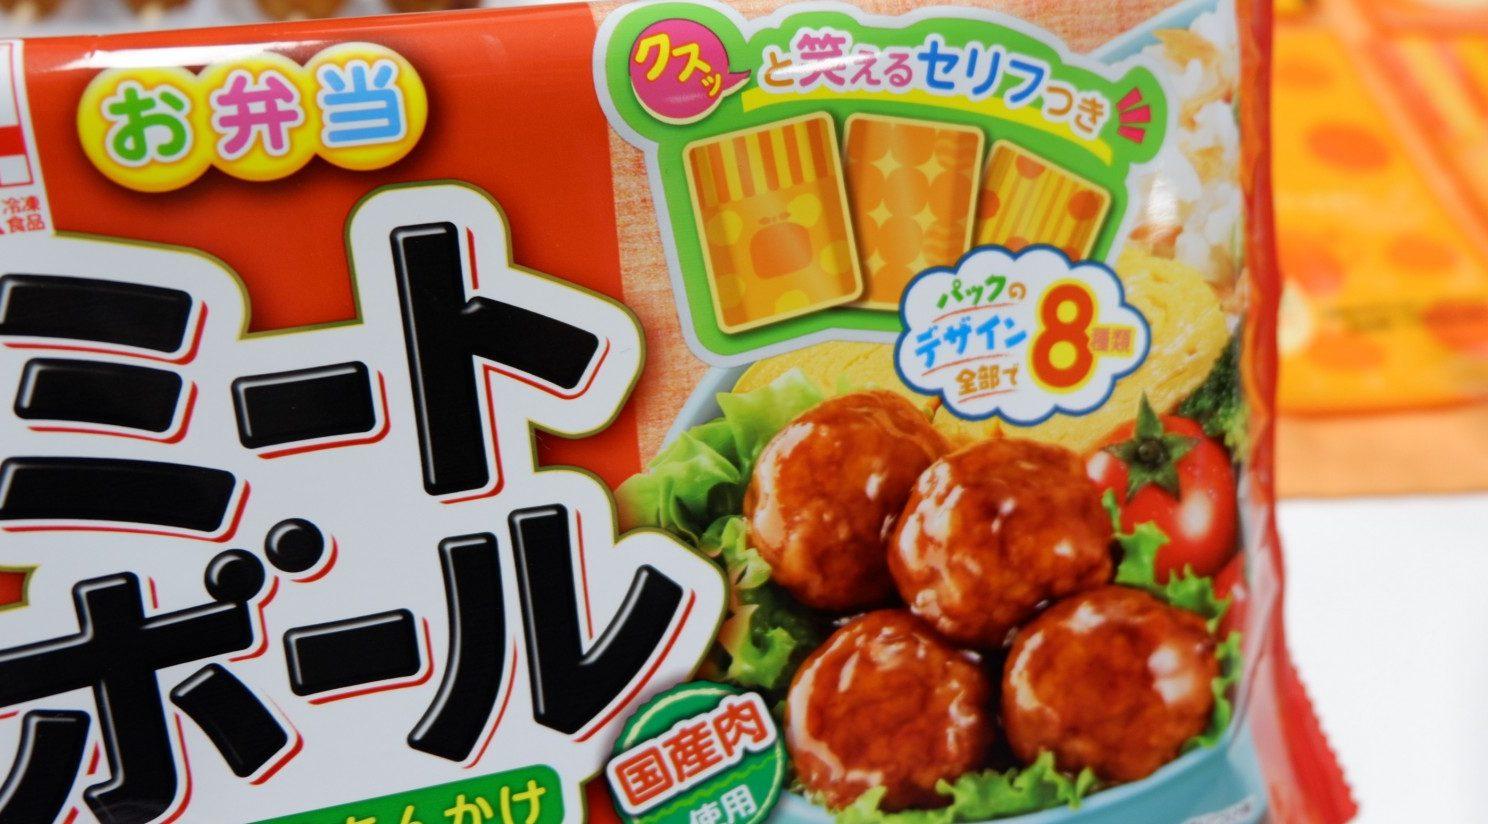 お弁当用の「国産肉ミートボール」、中の袋をかわいいデザインにリニューアル(ケイエス冷凍食品)